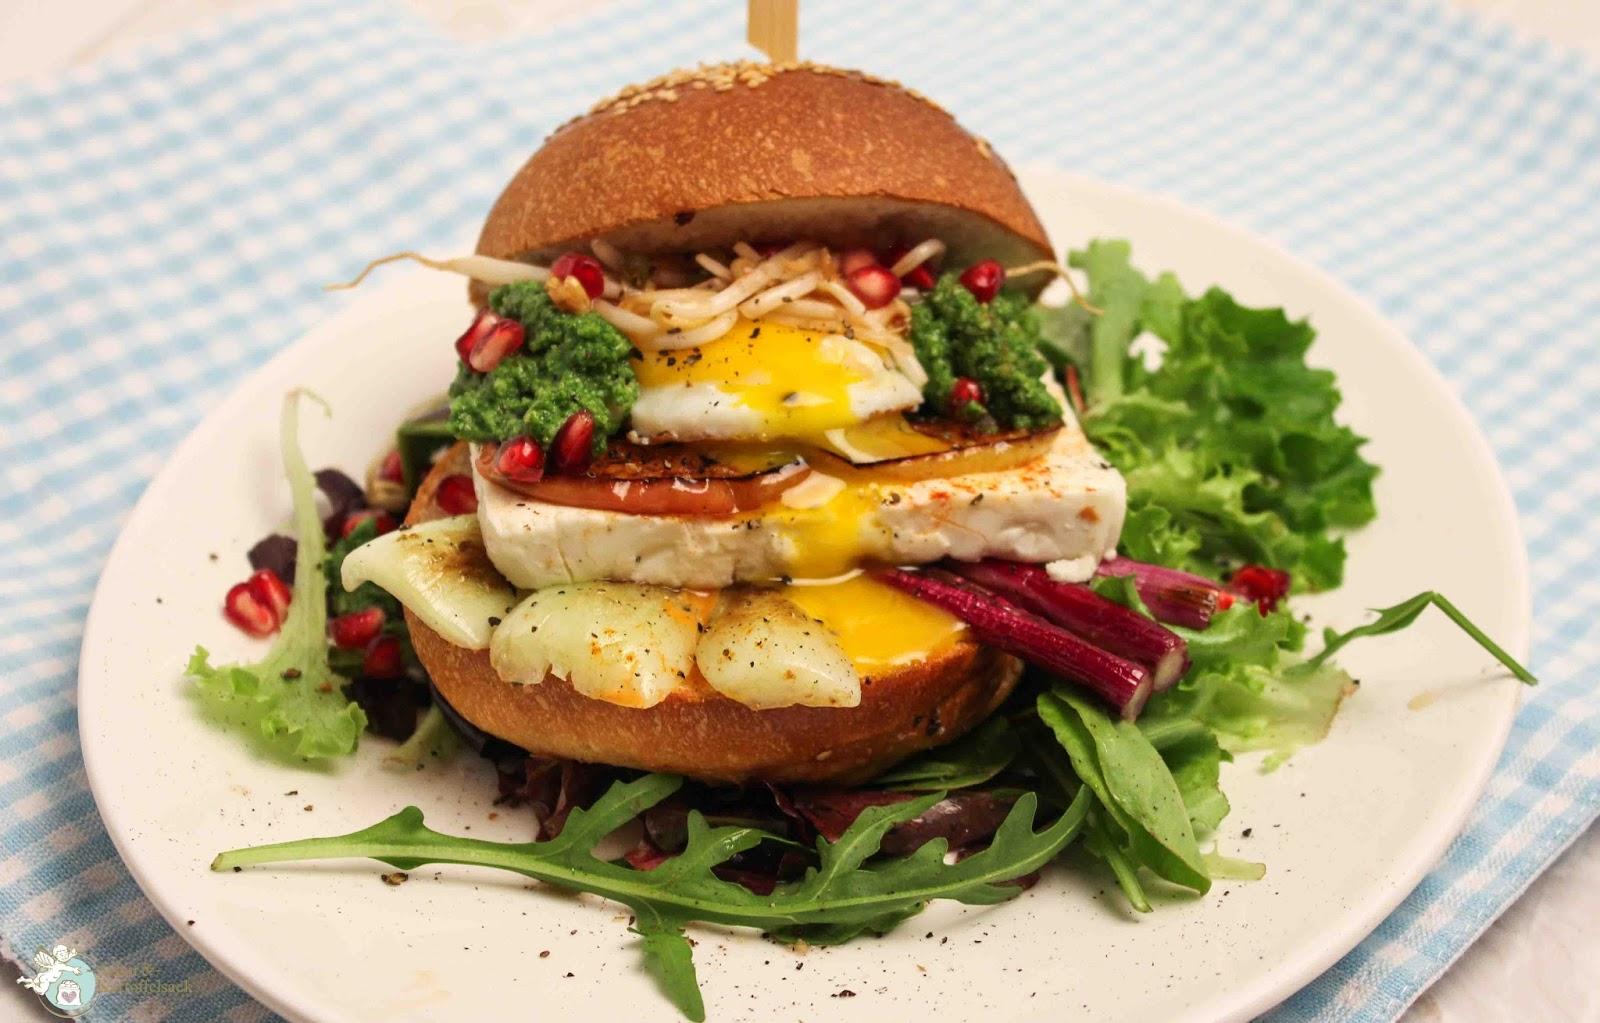 amor kartoffelsack vegetarischer greek burger mit feta. Black Bedroom Furniture Sets. Home Design Ideas